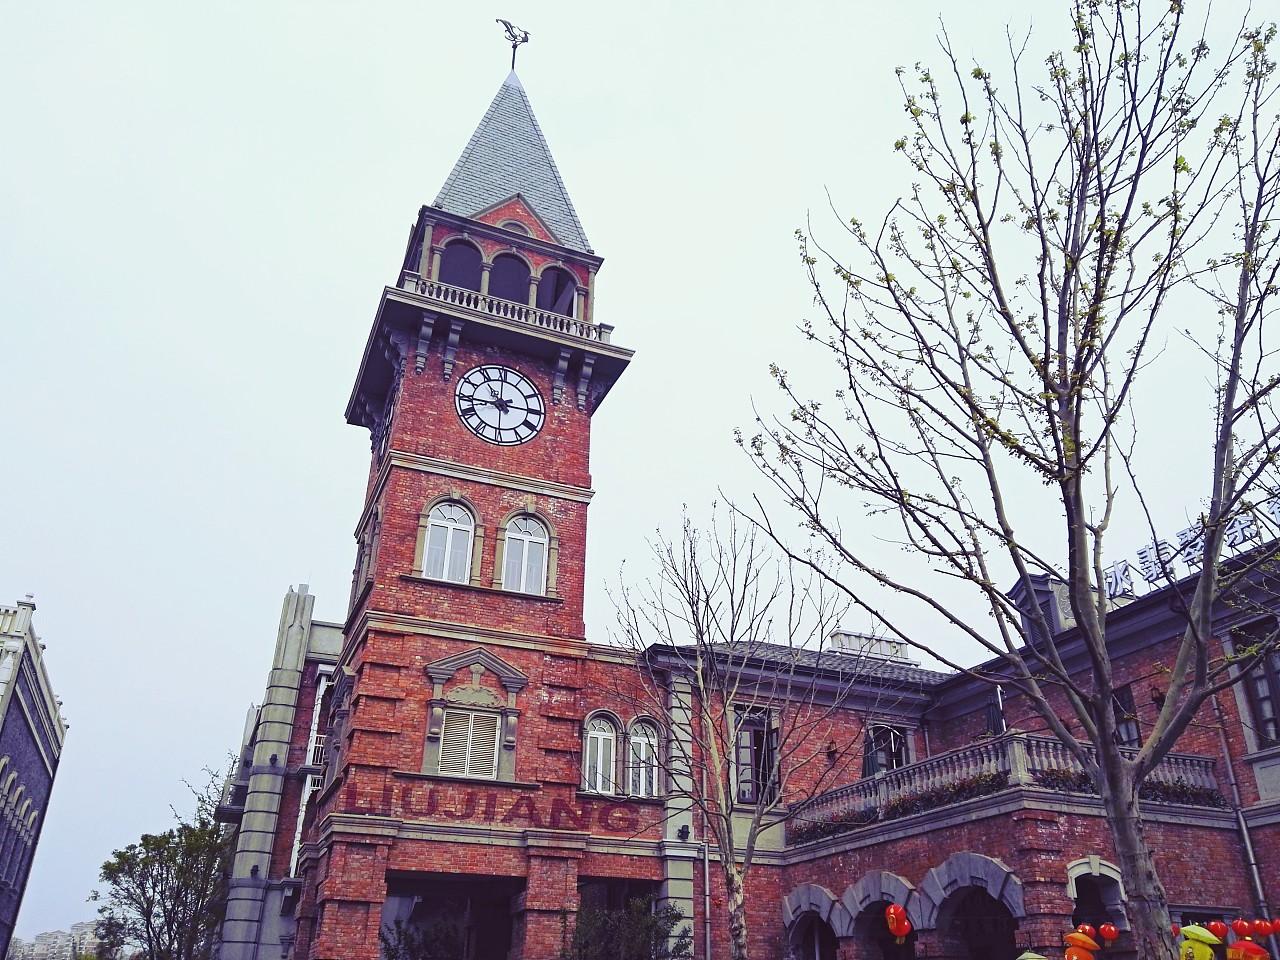 武汉|摄影|环境/建筑|毕竟还年轻 - 原创作品 - 站酷图片